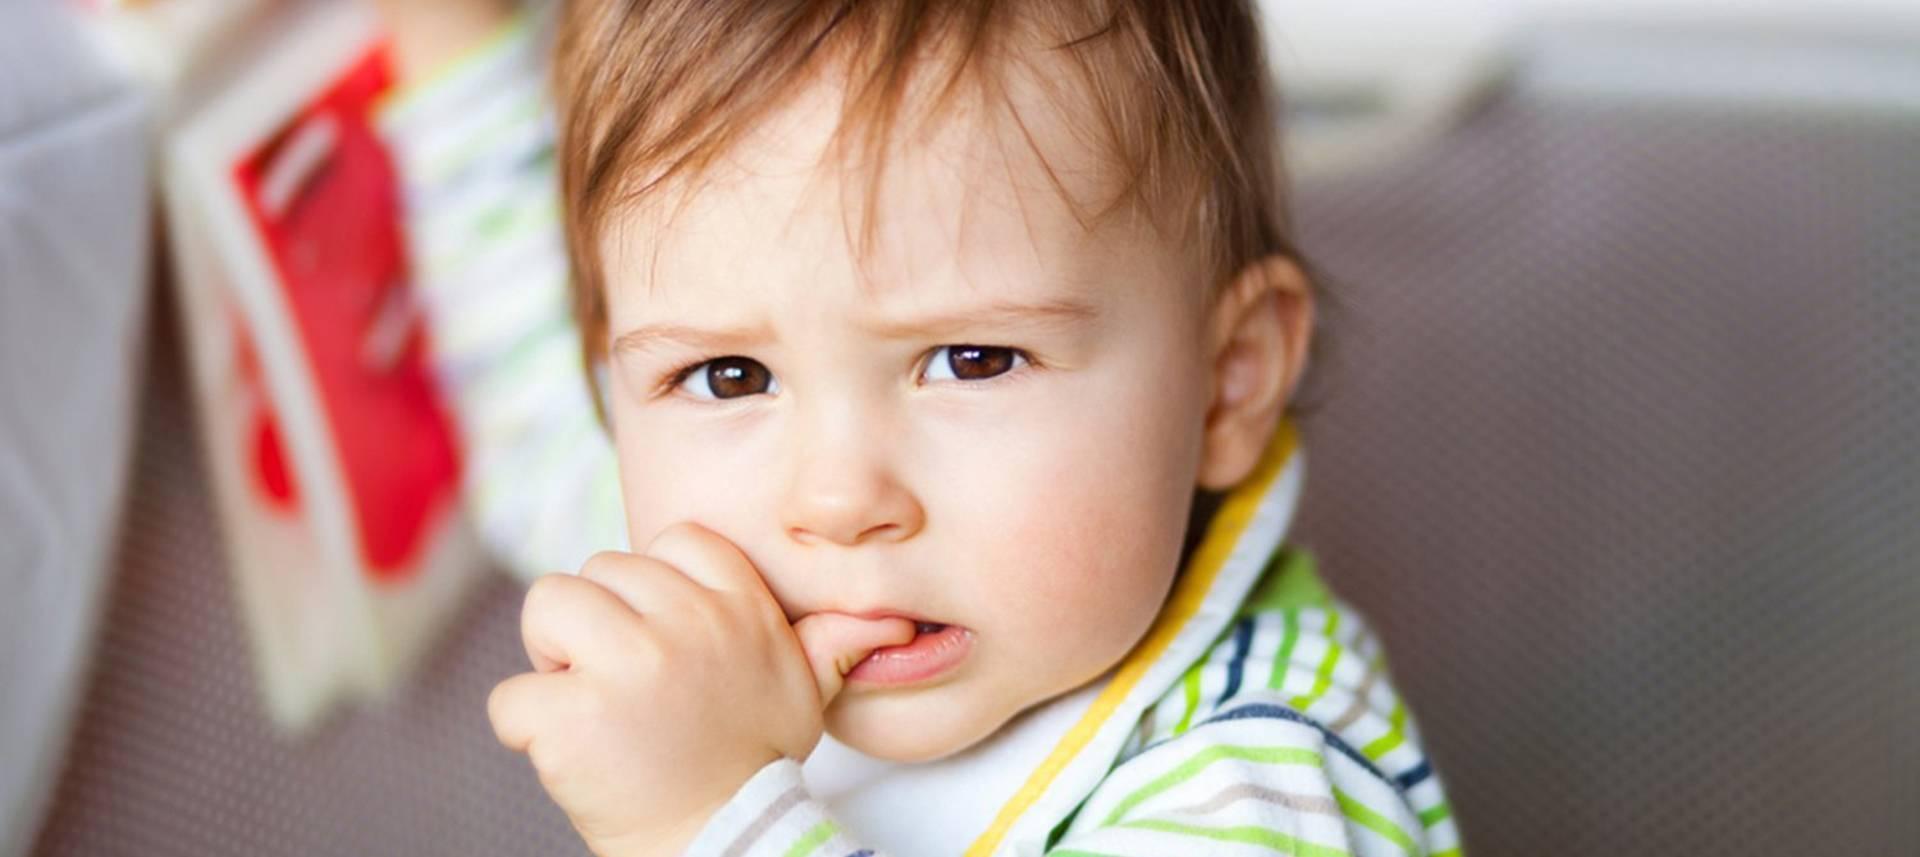 Истерики у ребенка 1,5 года: что делать, как успокоить малыша и не идти у него на поводу